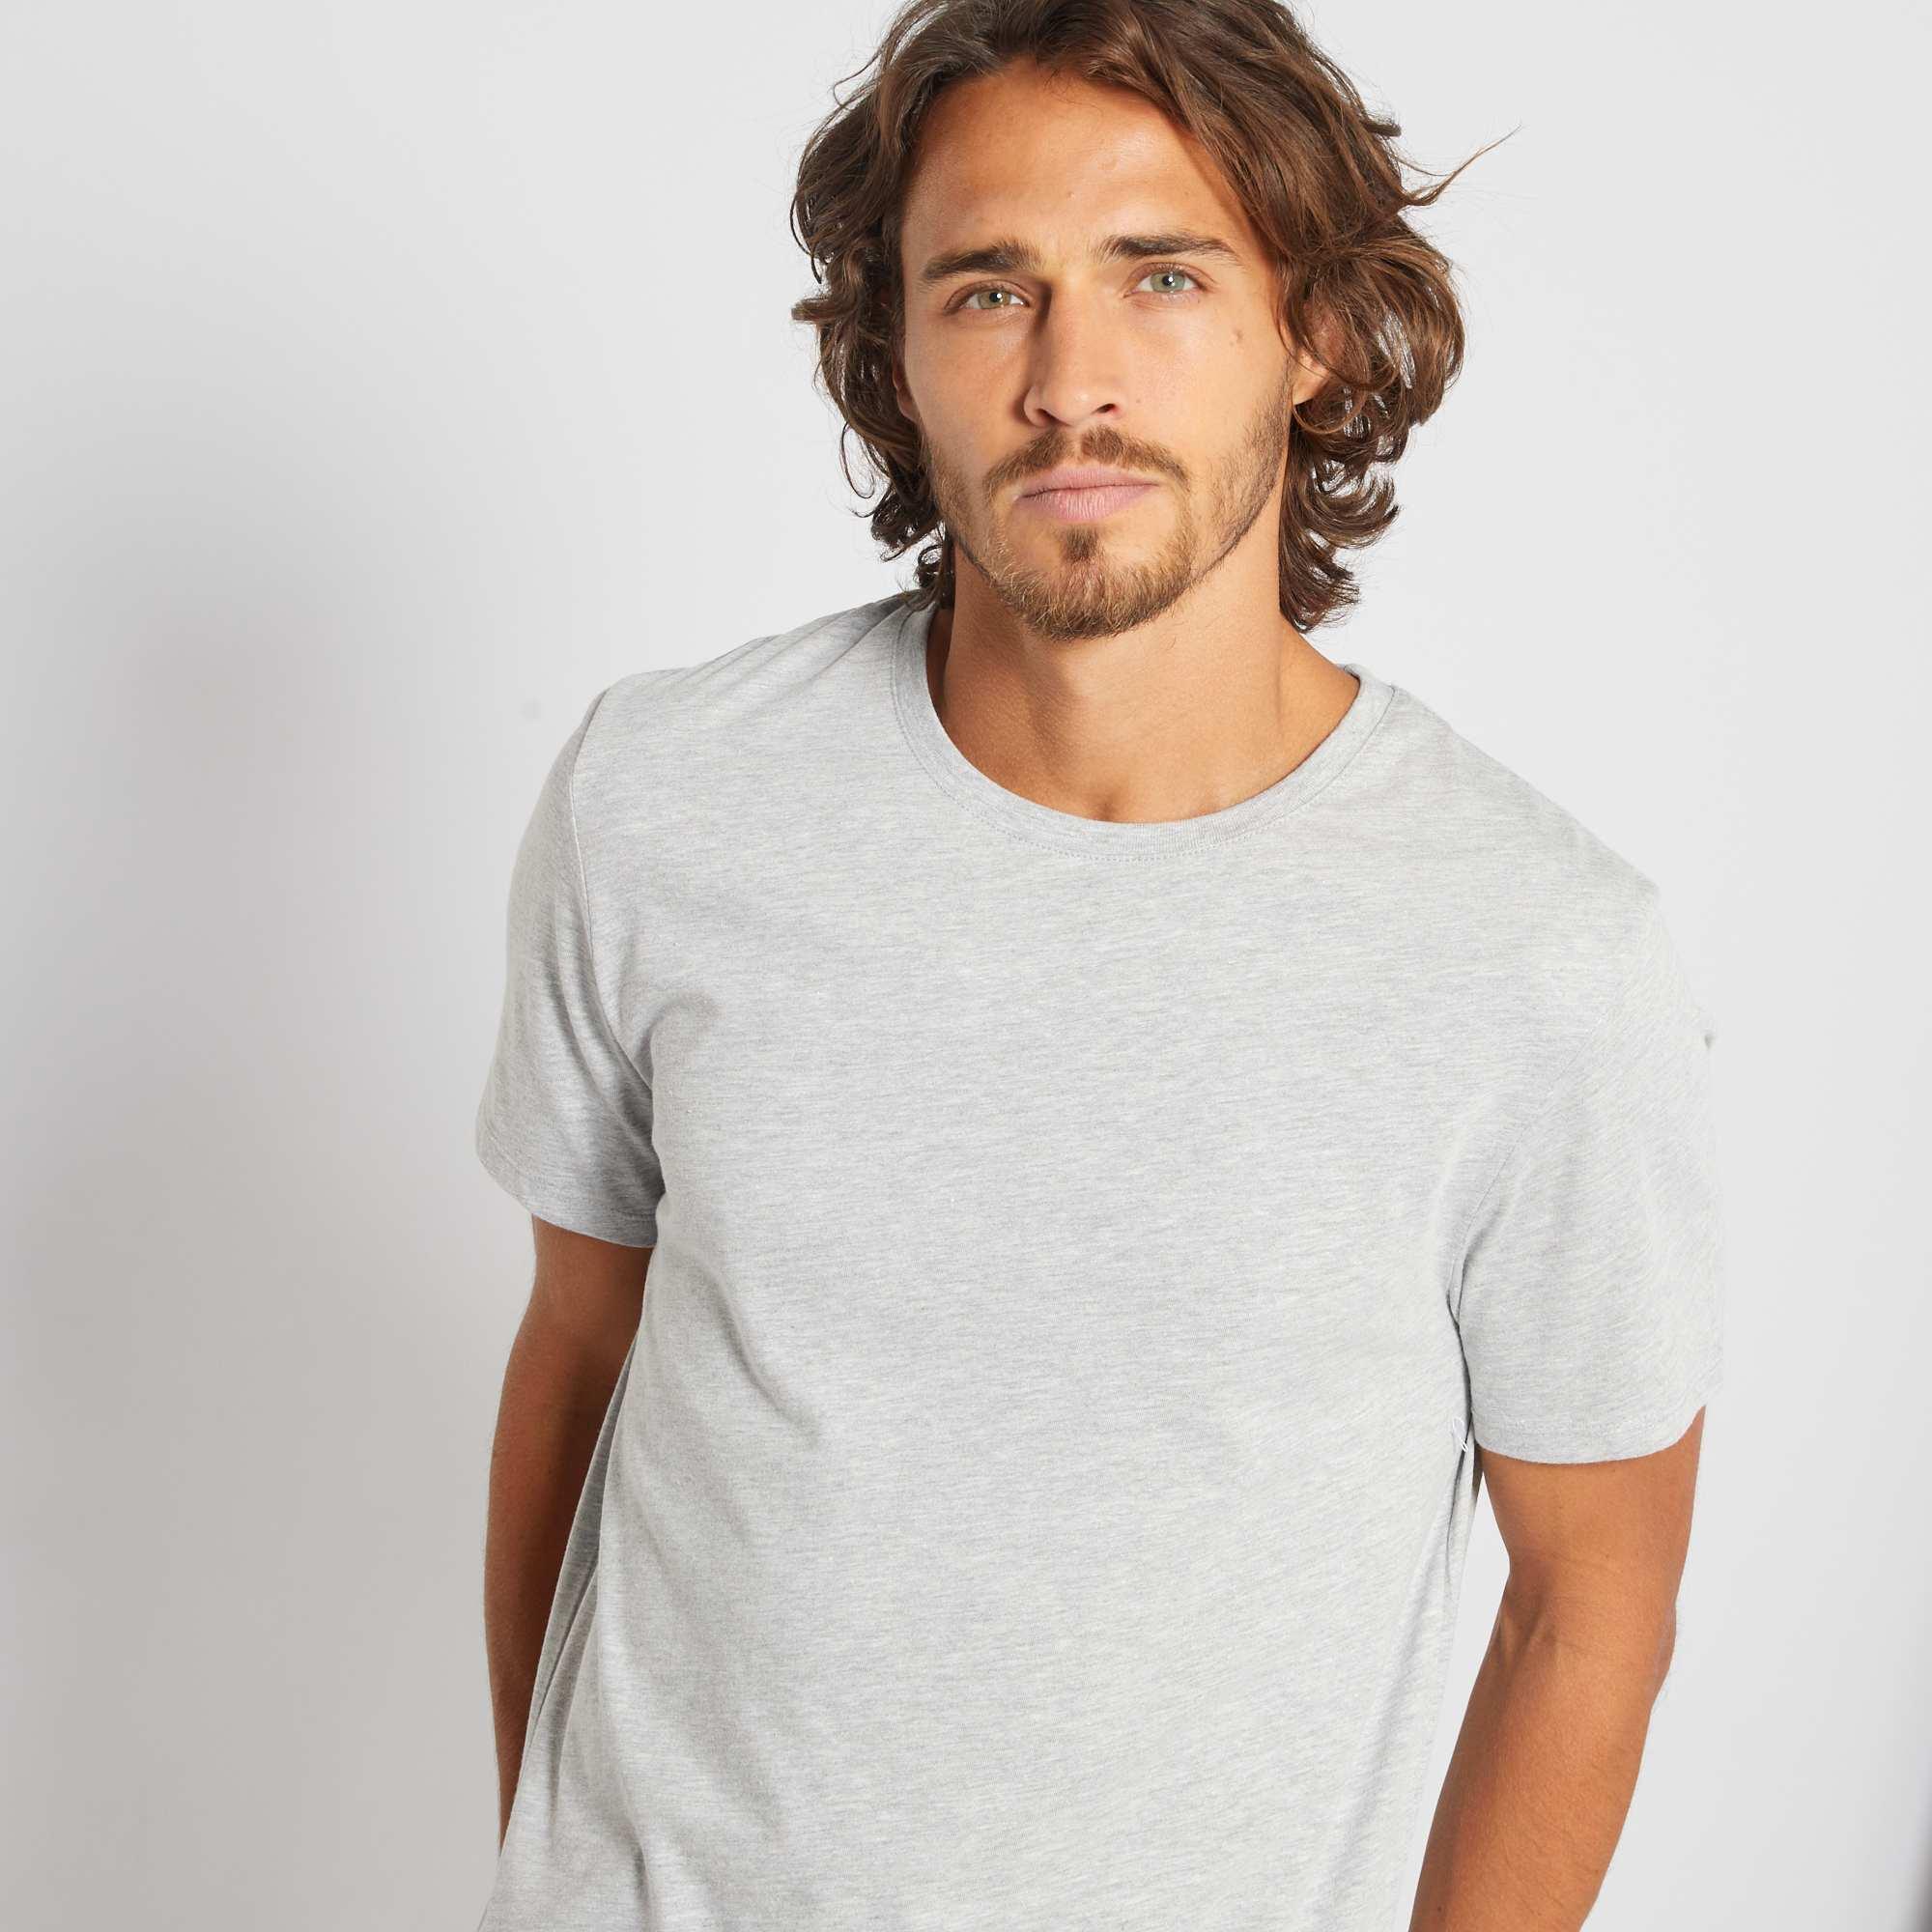 Couleur : gris chiné clair, blanc, noir,bleu marine,bleu indigo - Taille : M, XXL, XL,L,SUn classique à un prix si petit qu'il donne envie de les collectionner ! - Tee-shirt